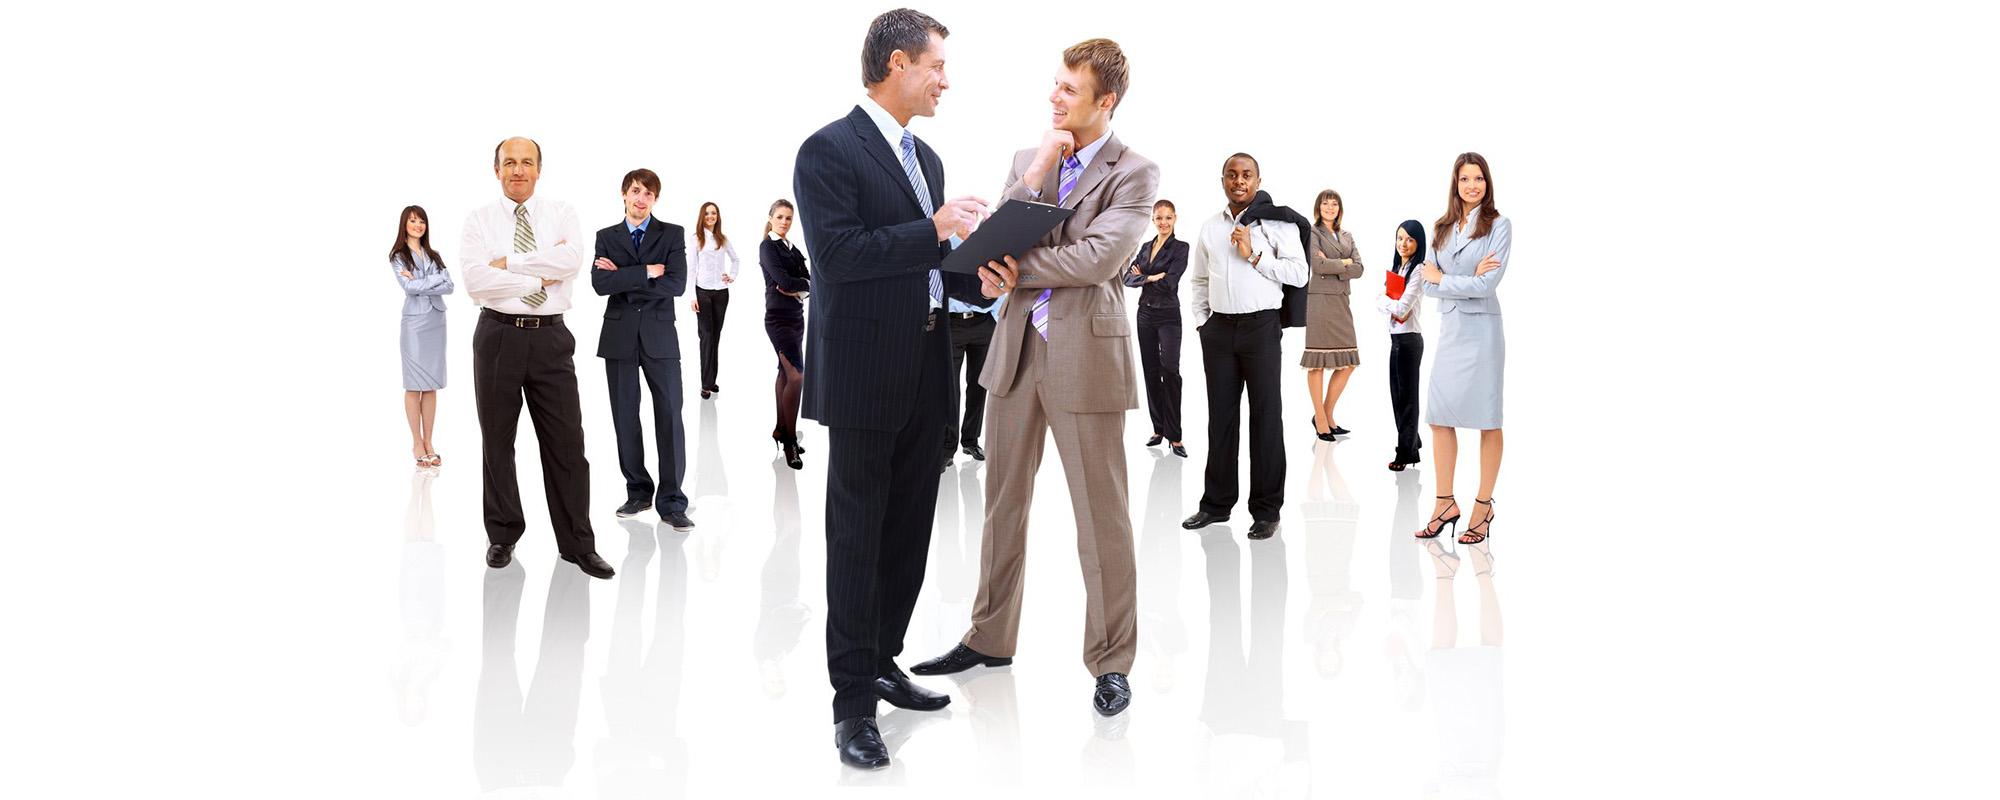 Bí quyết để có kỹ năng lãnh đạo hiệu quả – VMP-LEADERSHIP